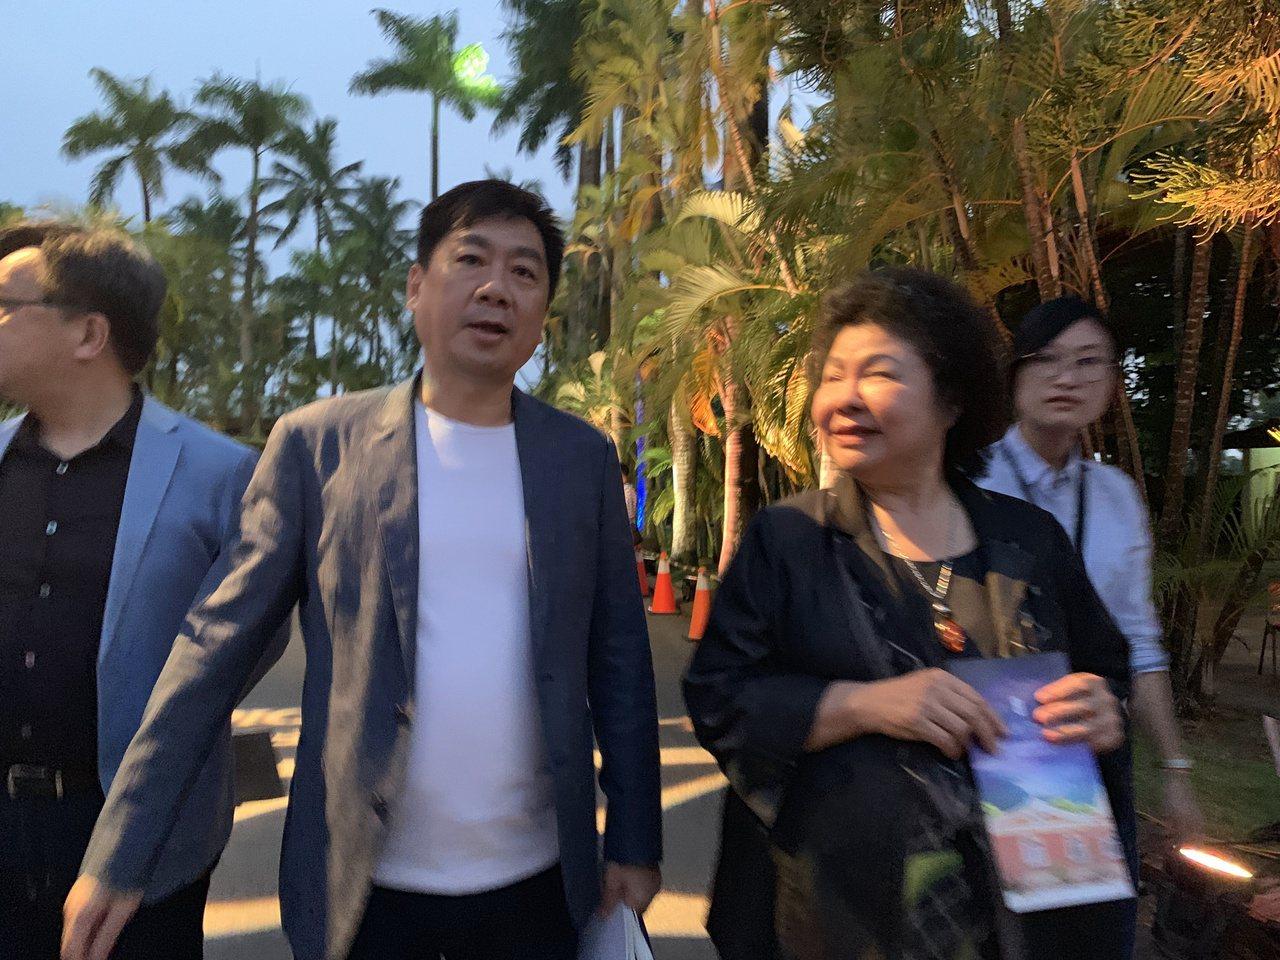 總統府秘書長陳菊(右)和內政部次長陳宗彥出席台南後壁黃家音樂會。記者吳淑玲/攝影